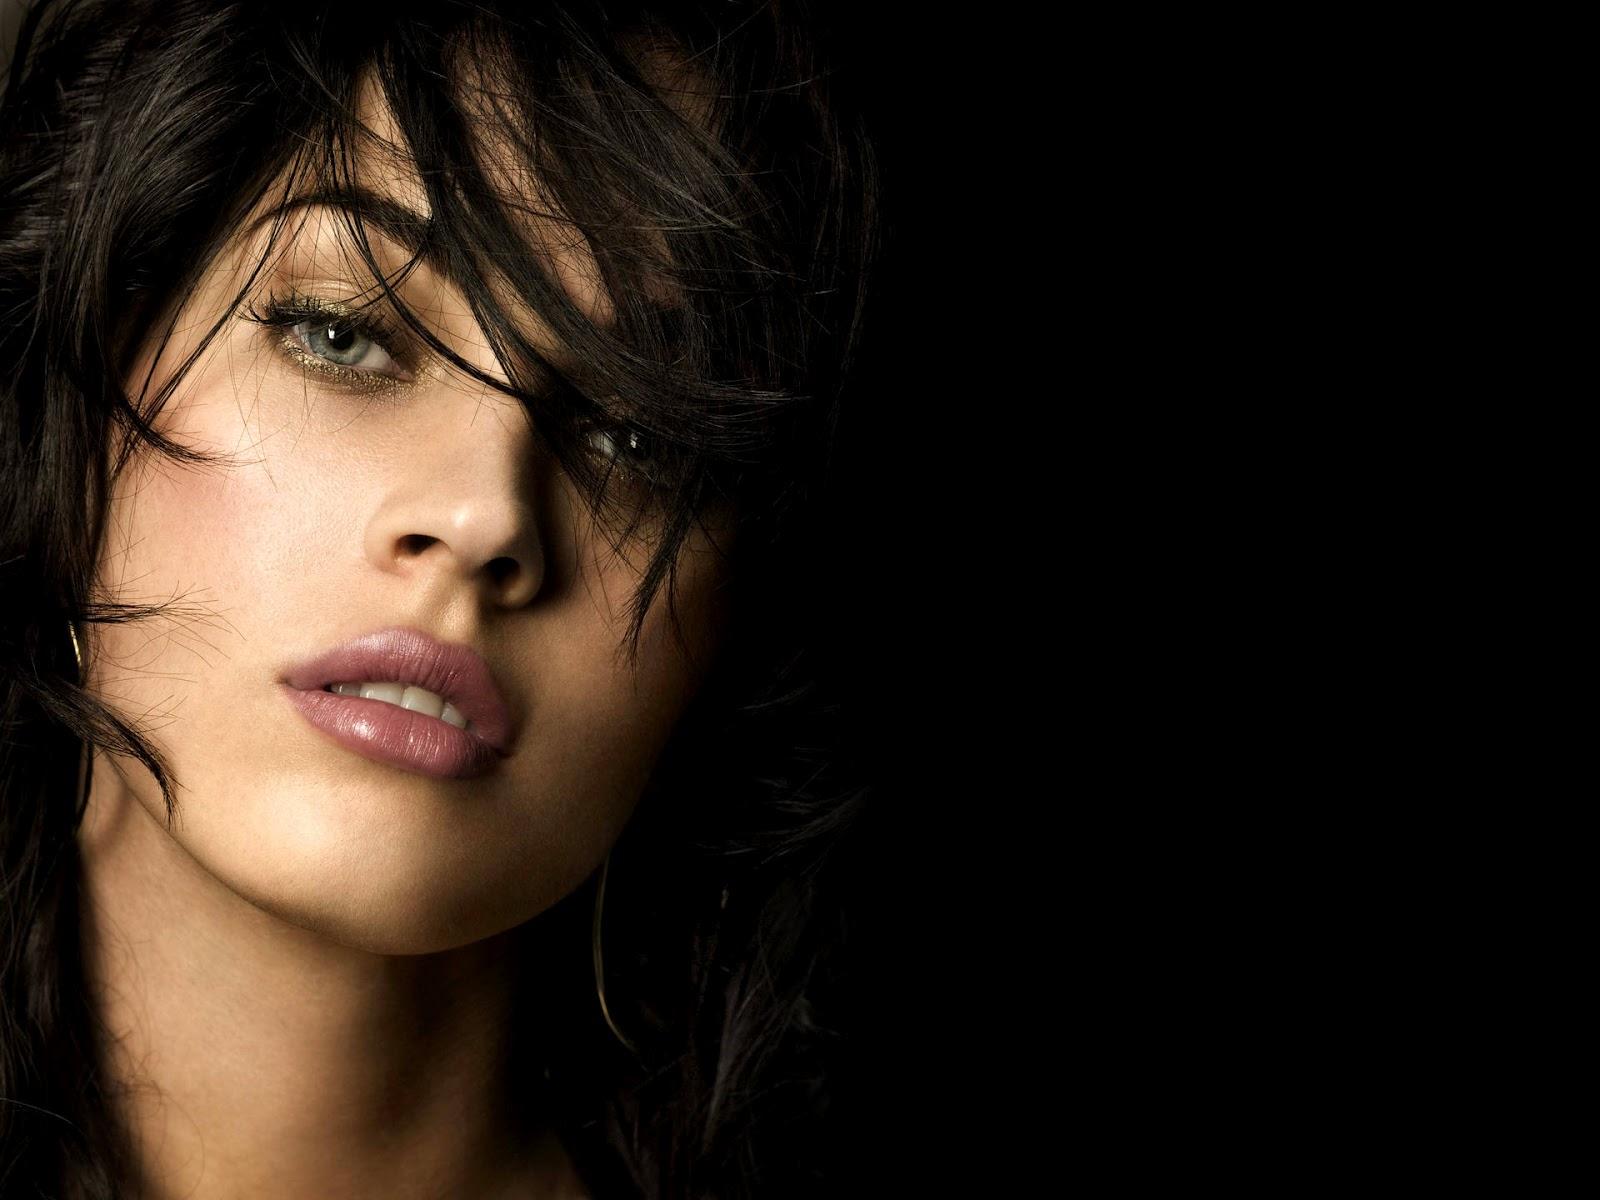 Megan Fox Beautiful Eyes